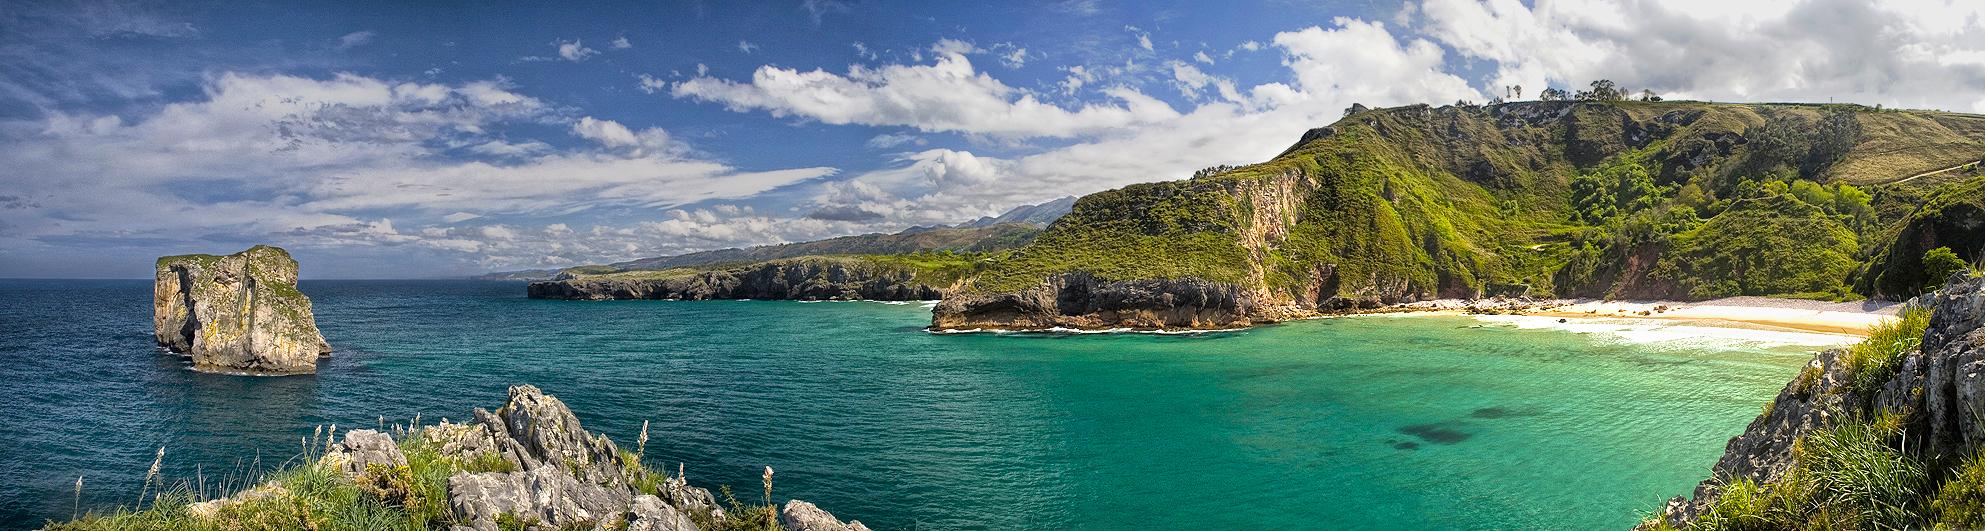 Playa de Andrin Llanes 4 km